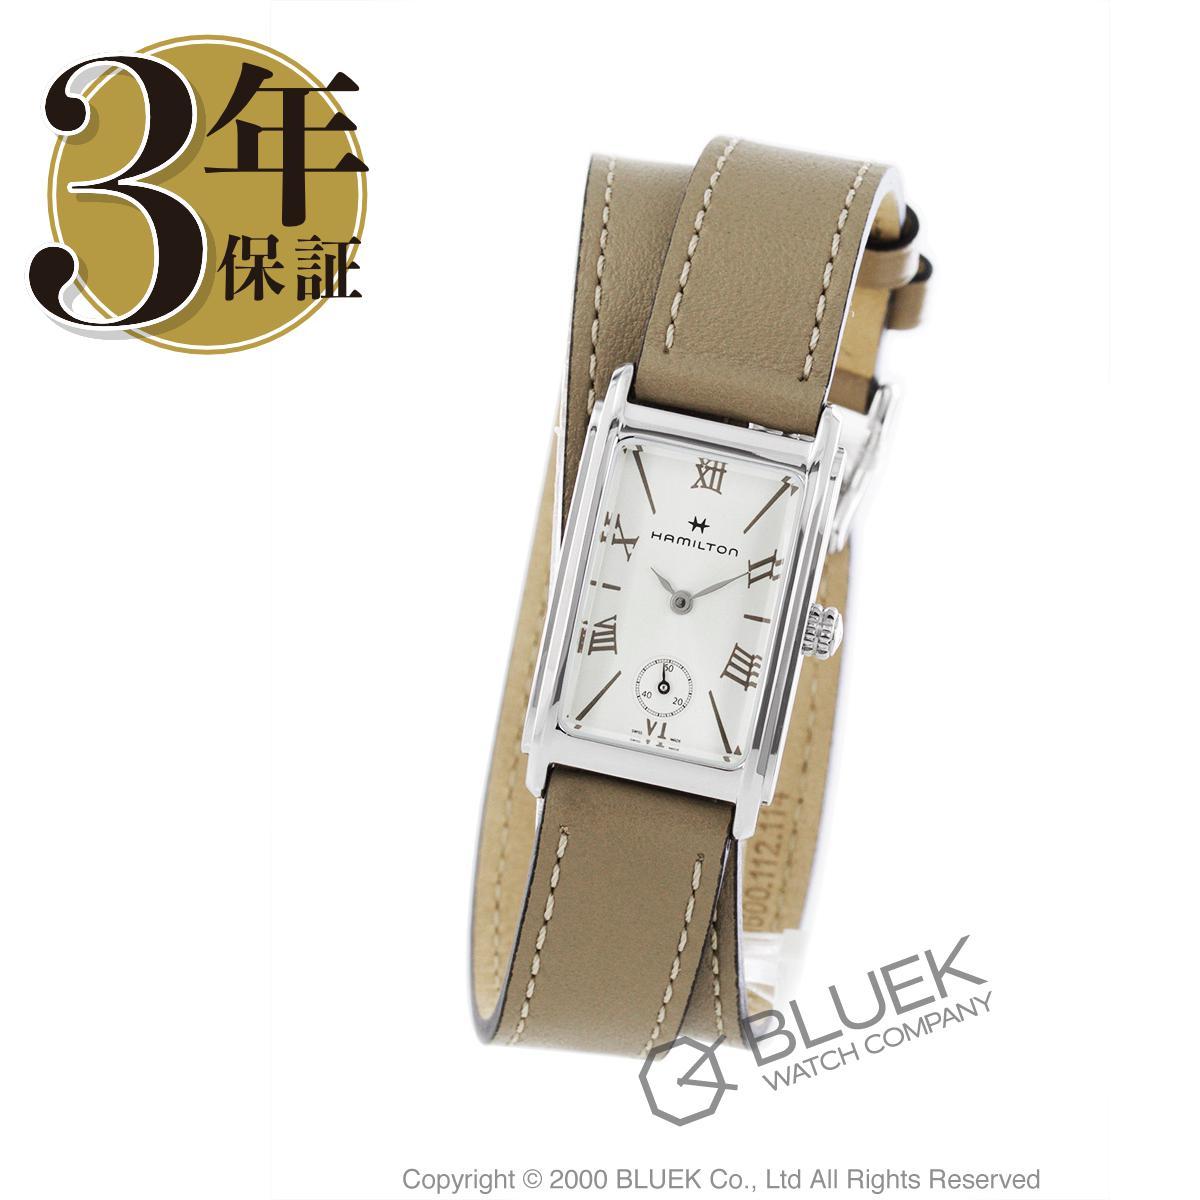 ハミルトン アードモア 腕時計 レディース HAMILTON H11221914_8 バーゲン ギフト プレゼント